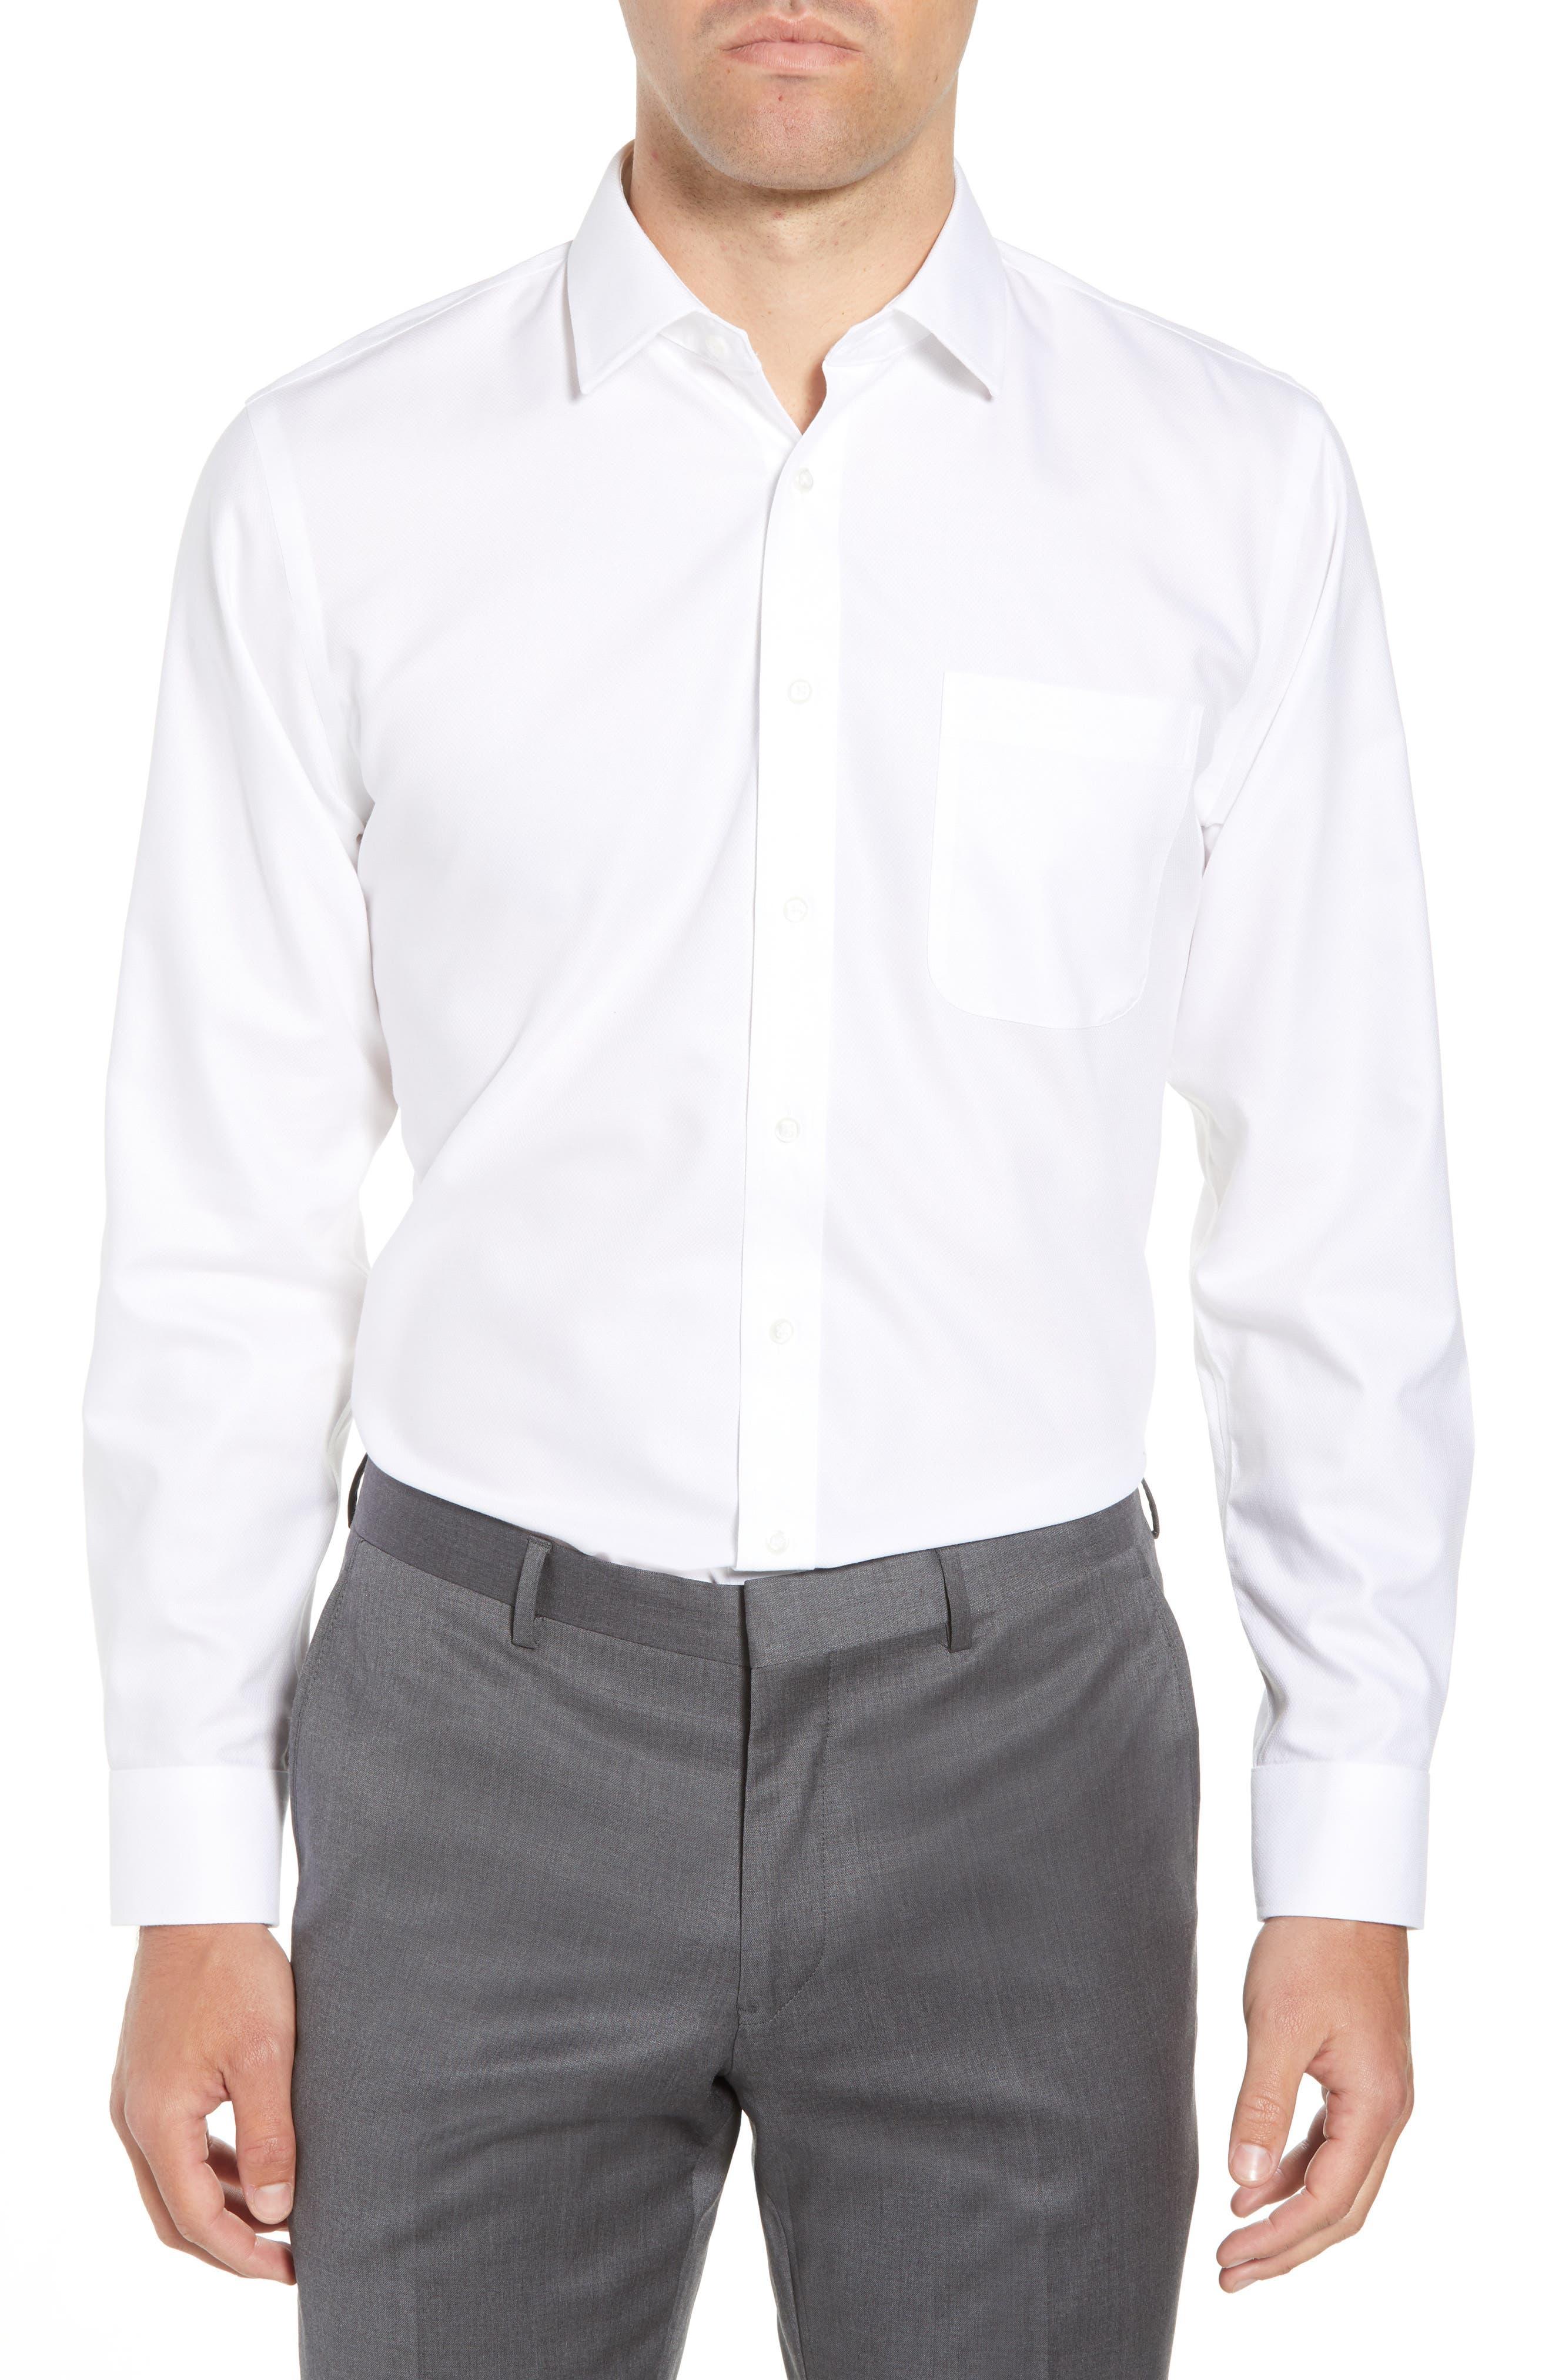 Smartcare<sup>™</sup> Trim Fit Solid Dress Shirt,                         Main,                         color, White